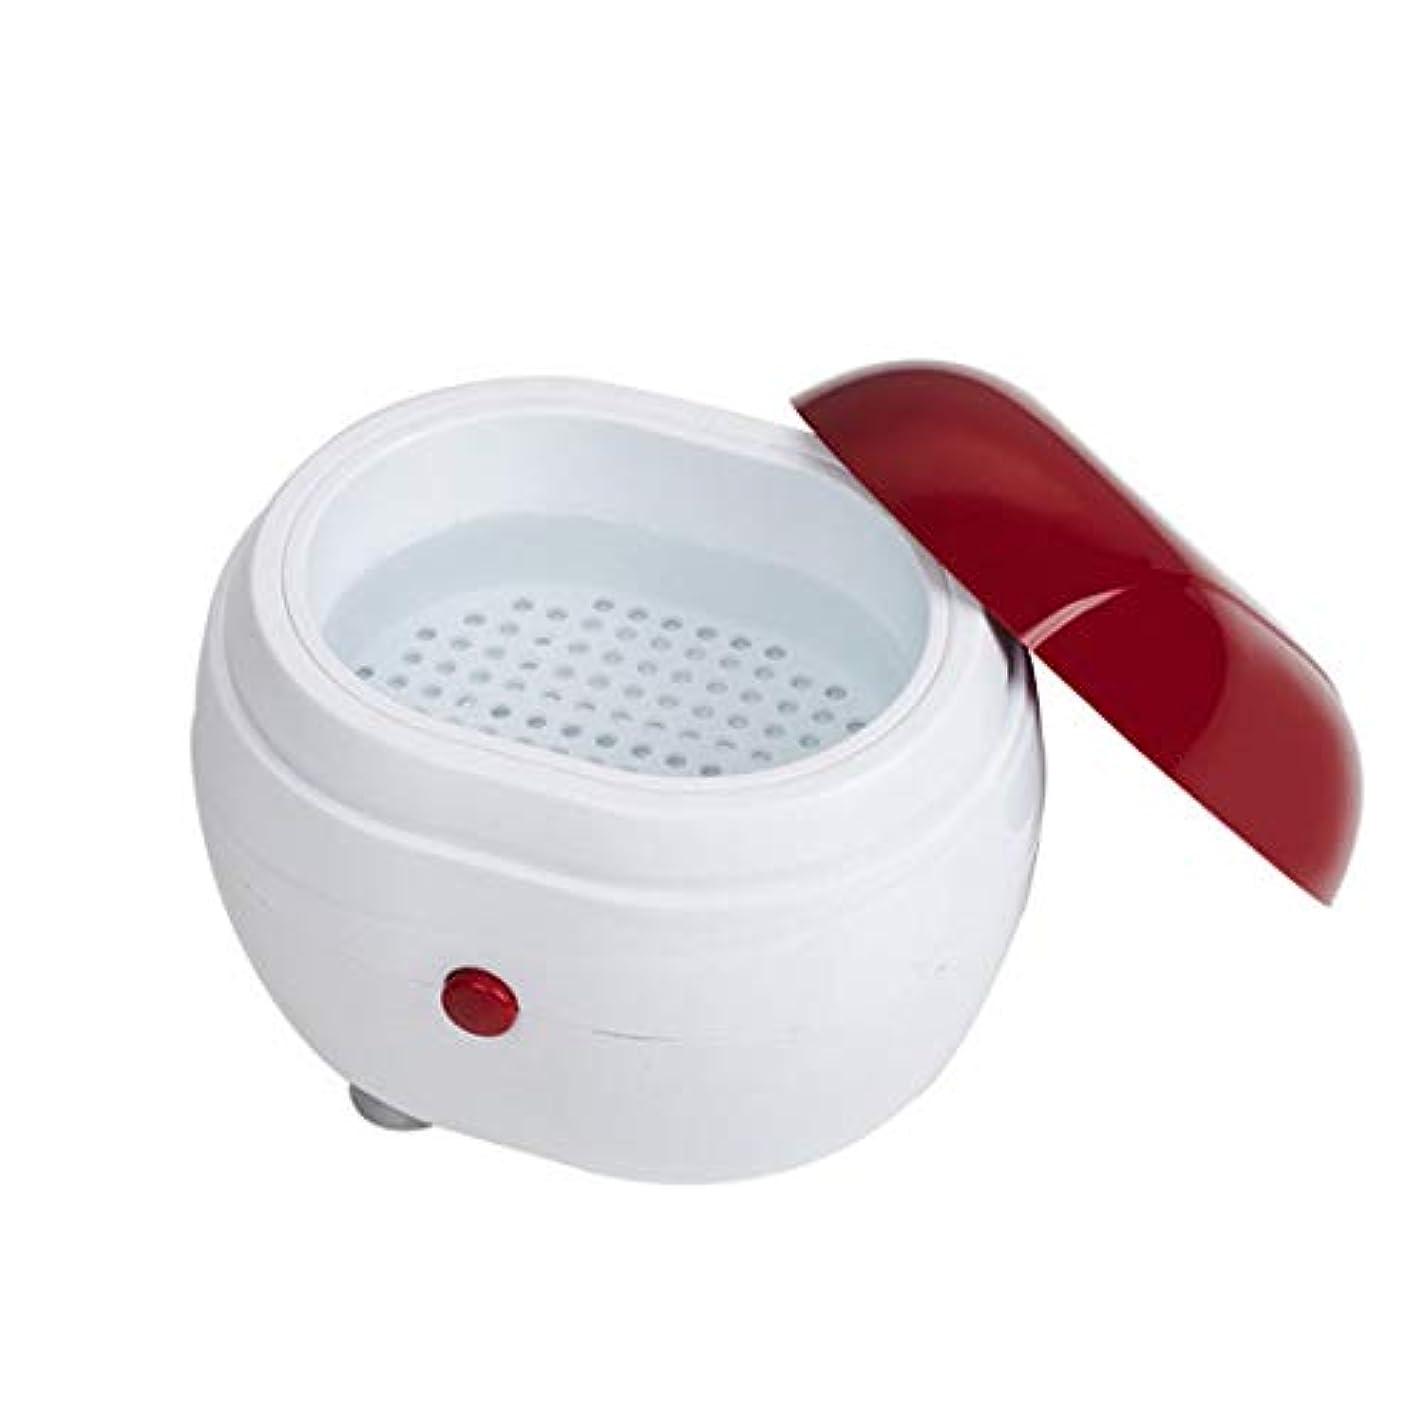 文句を言う前提条件インフレーションポータブル超音波洗浄機家庭用ジュエリーレンズ時計義歯洗浄機洗浄機洗浄機洗浄ボックス (Panda) (色:シルバー)